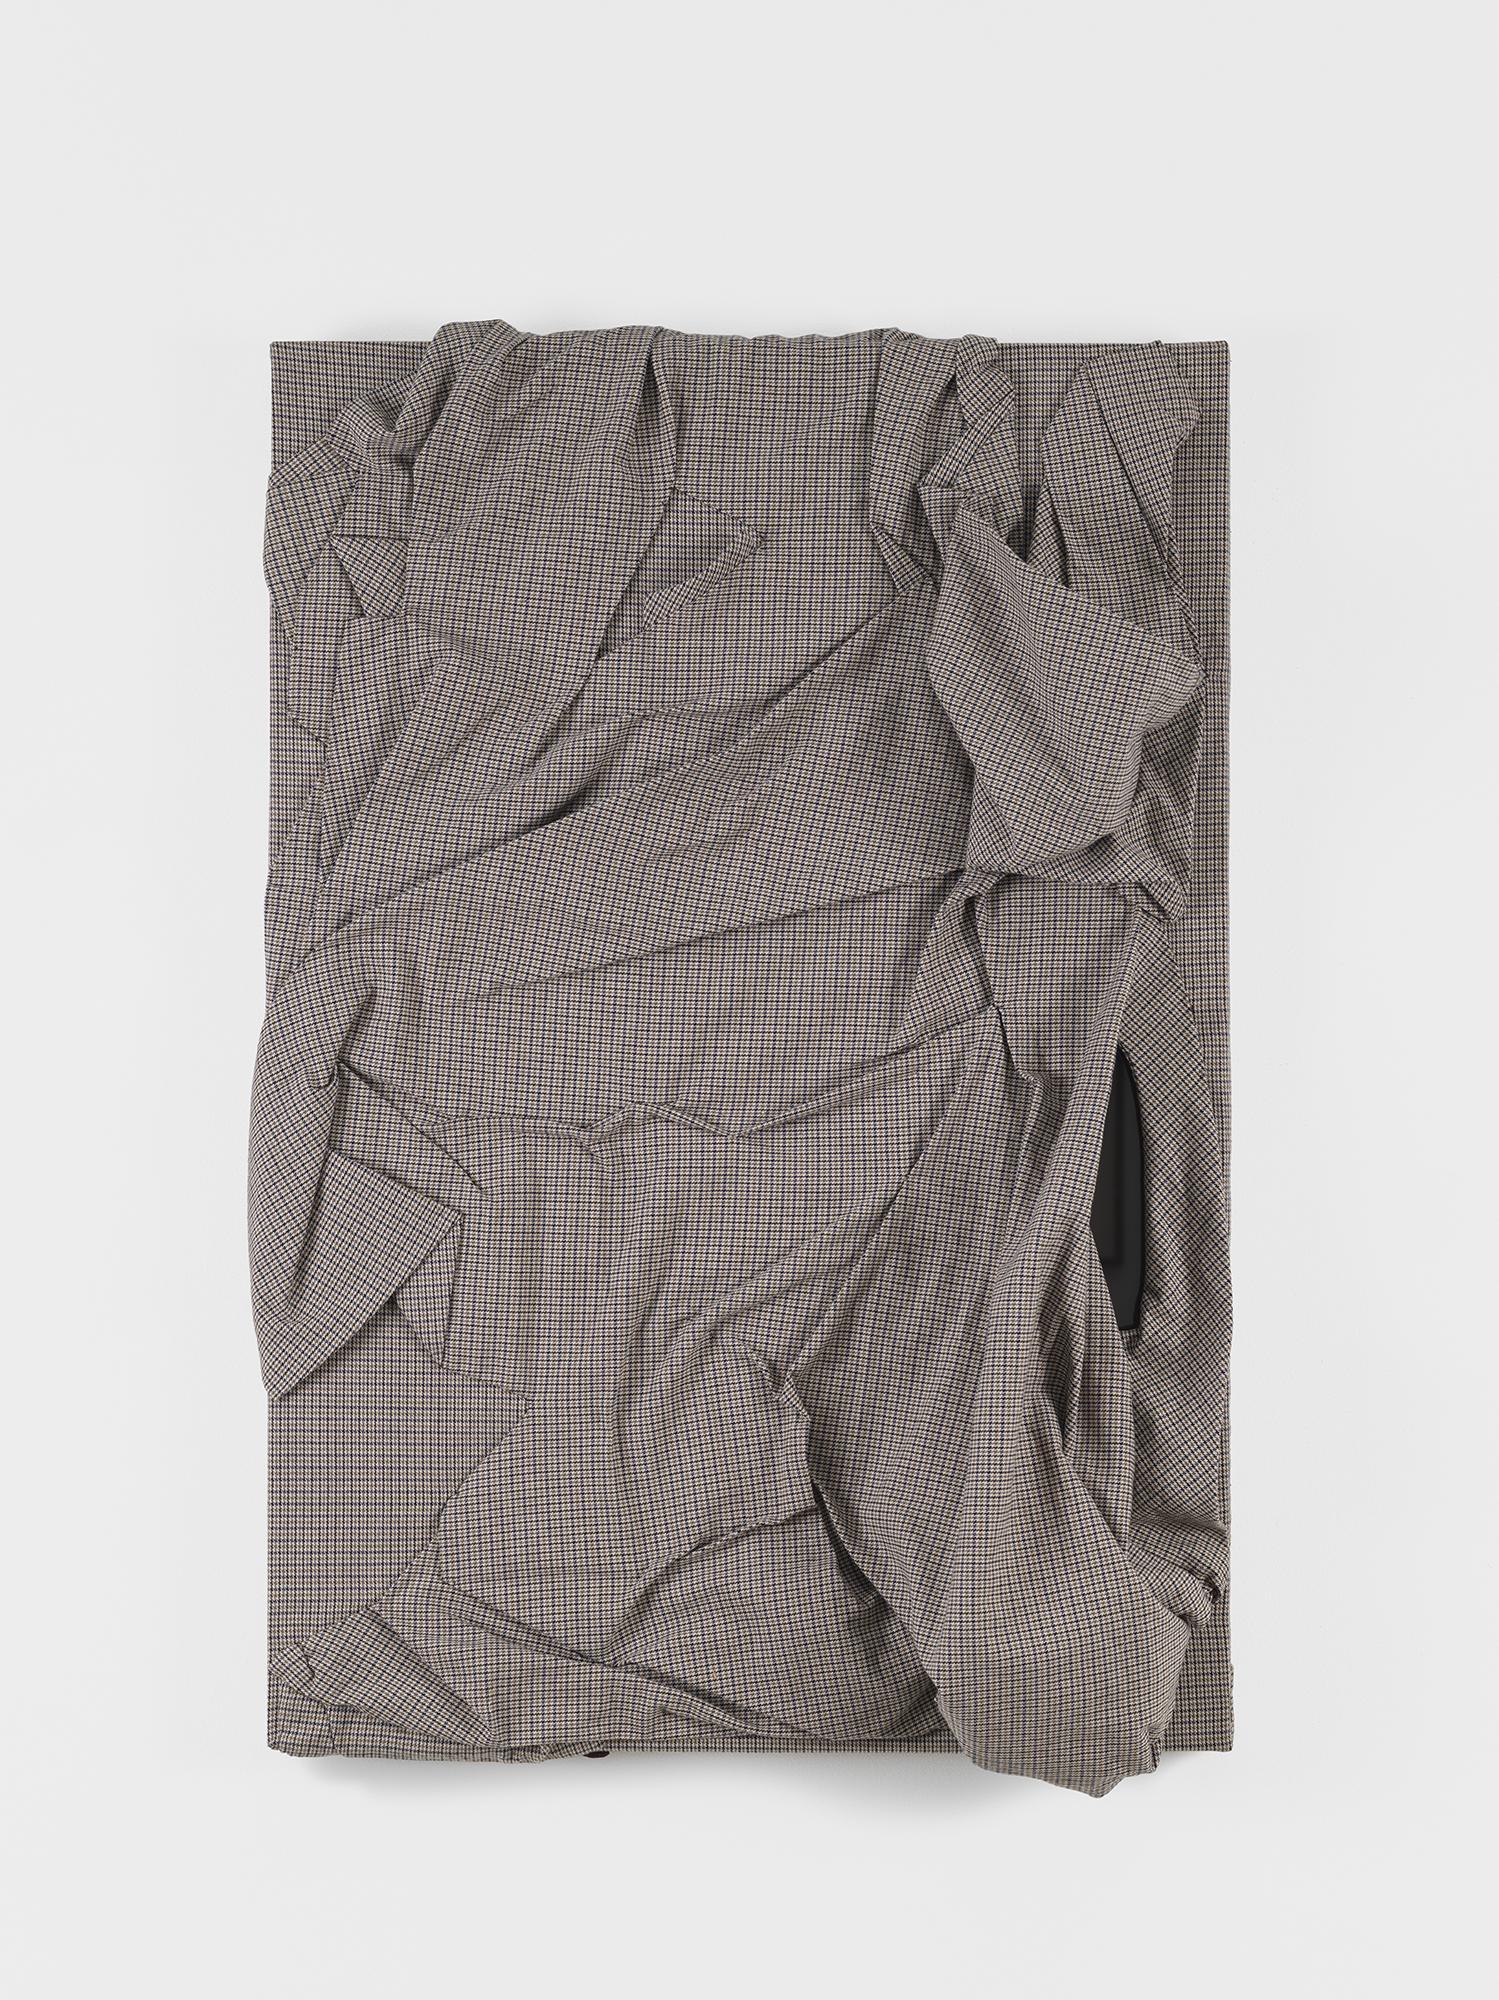 Laura Lima Gumercindo 2019 Fabric, thread, wood, g...